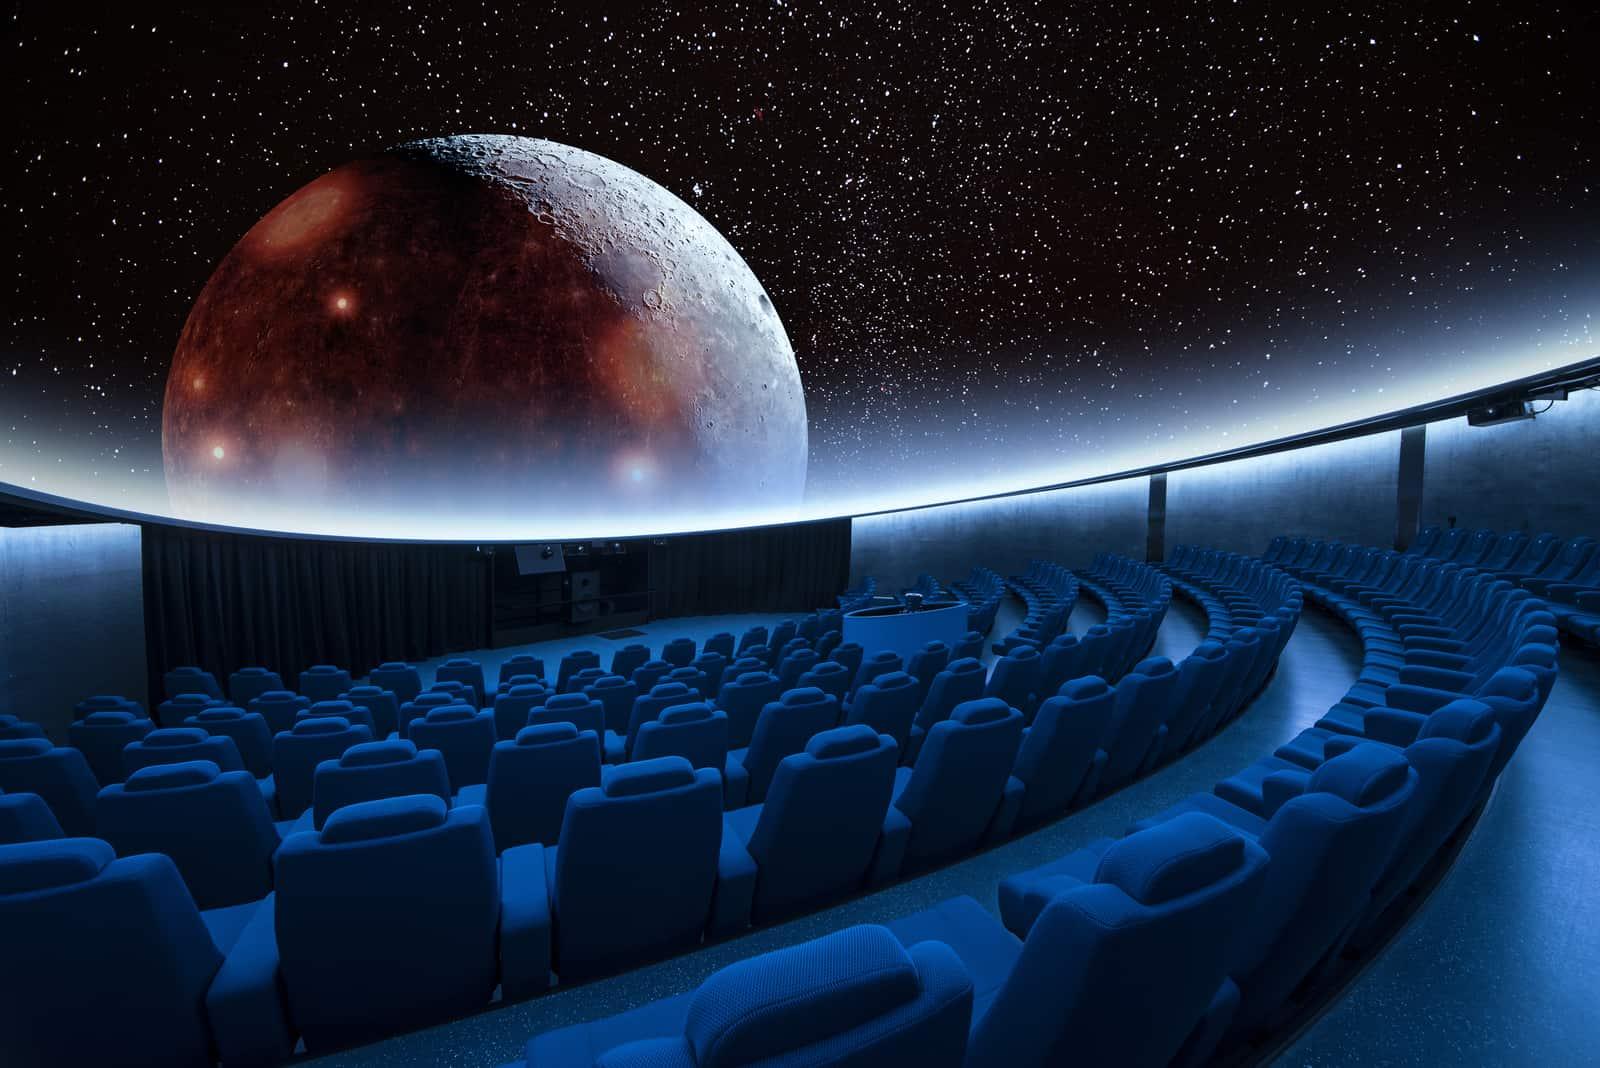 spektakuläre Sterne und die digitale Mondprojektion im Planetarium